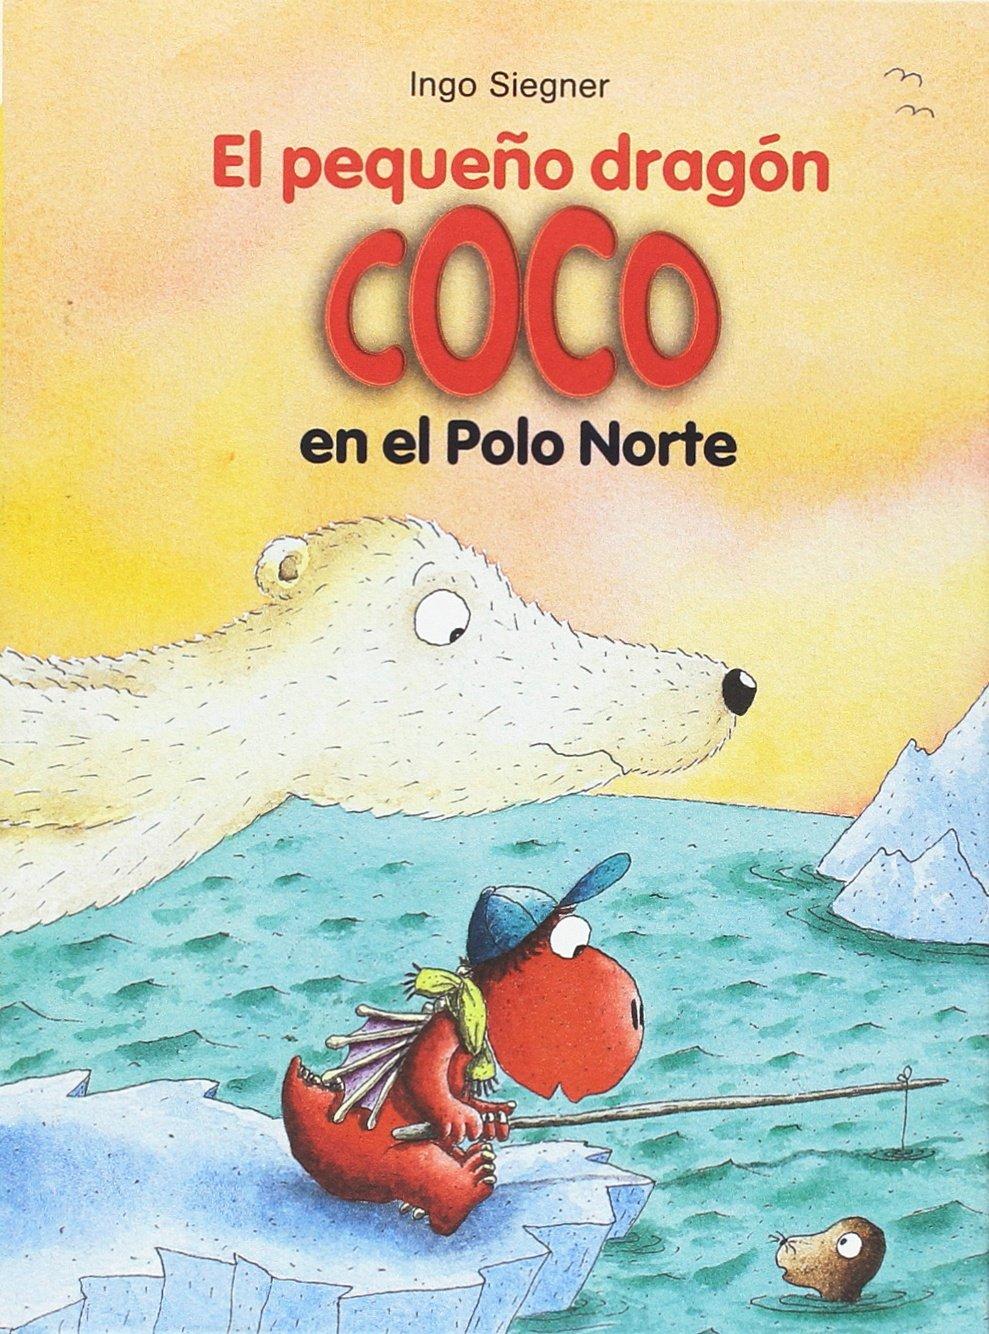 El Pequeño Dragón Coco En El Polo Norte: 19: Amazon.es: Ingo ...